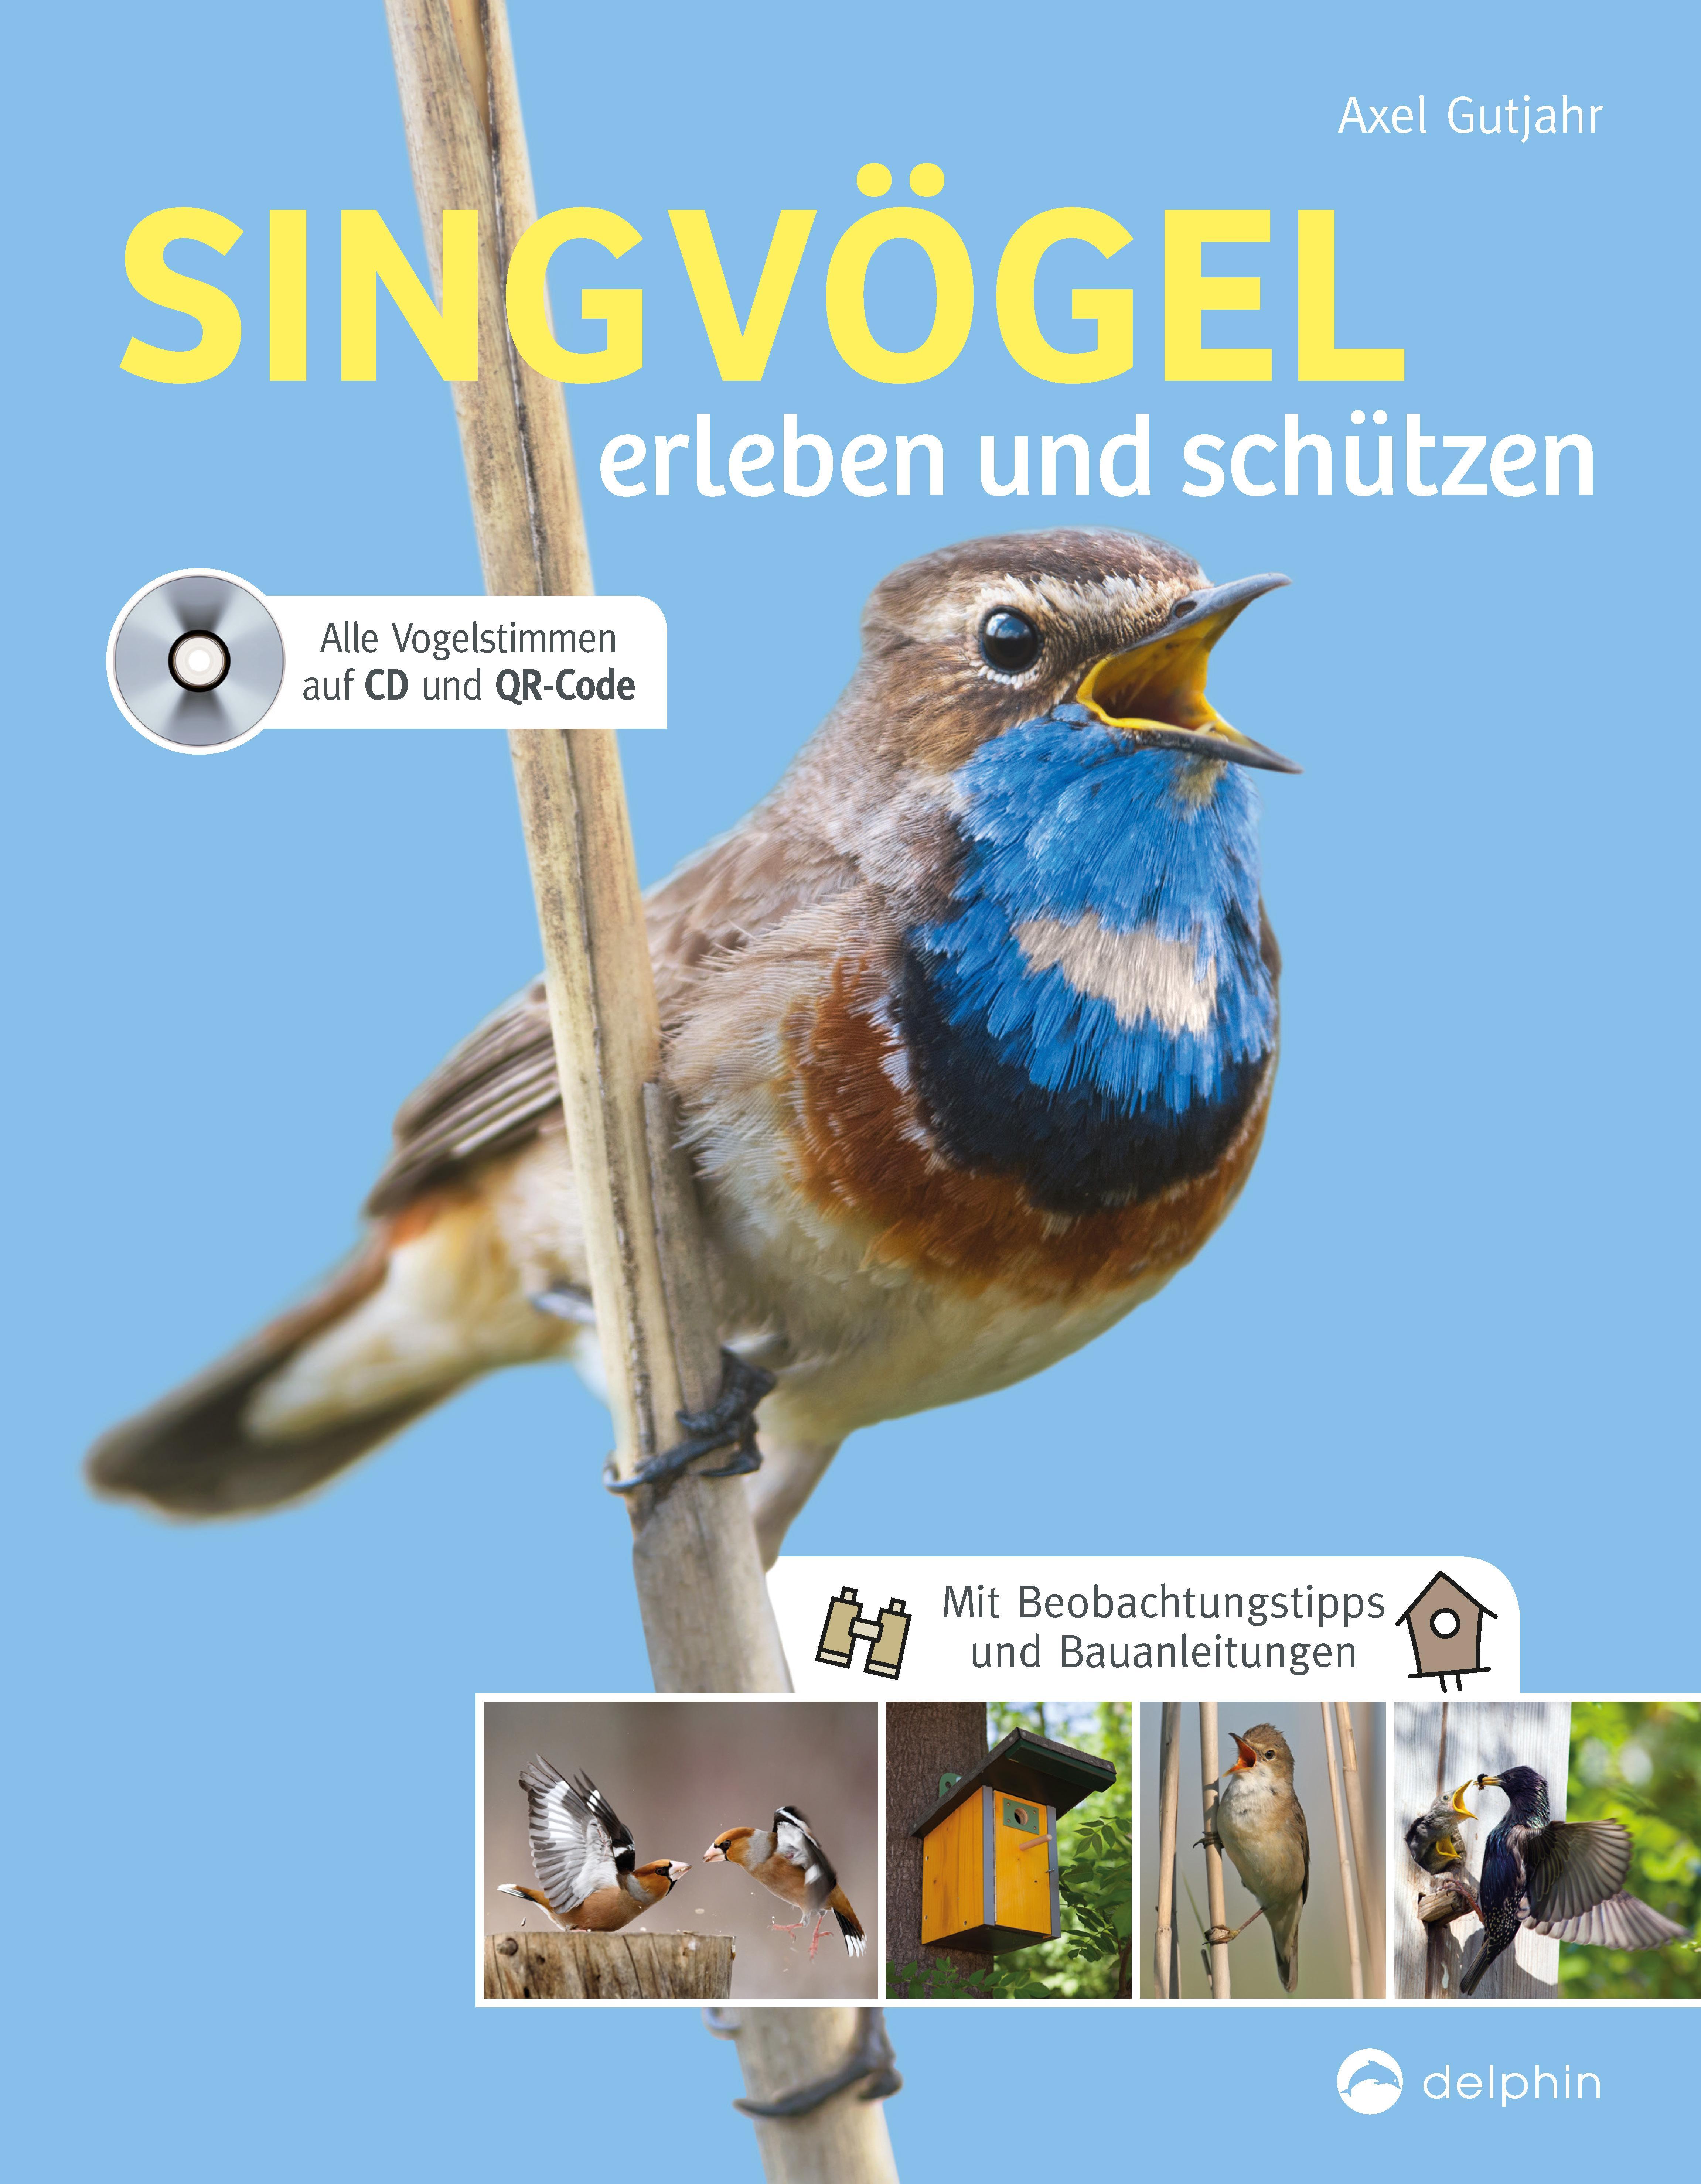 Singvogel Erleben Und Schutzen Mit Beobachtungstipps Und